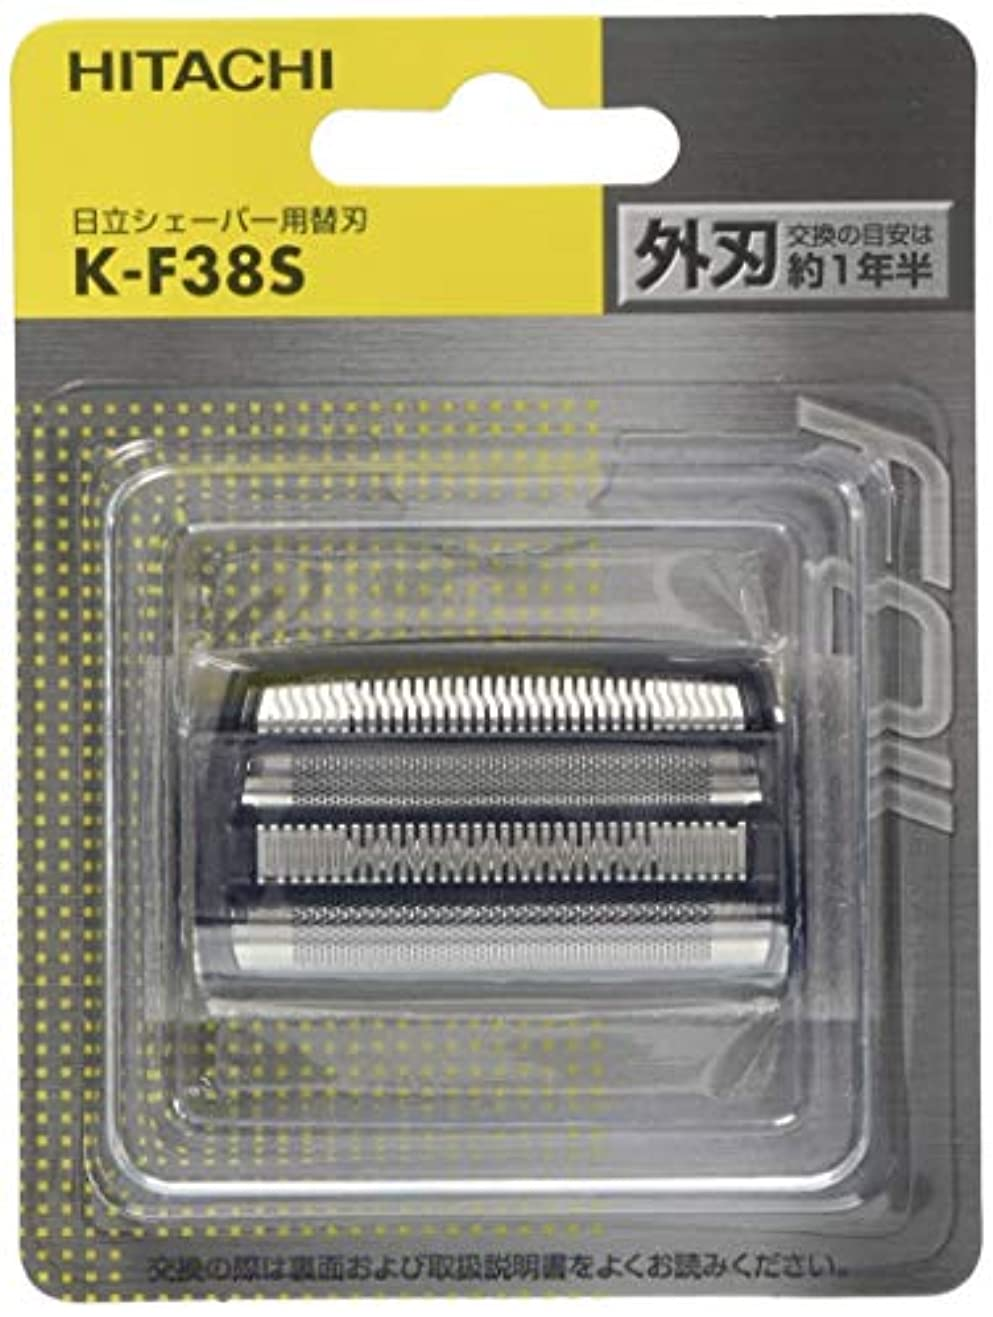 寺院歩行者コテージ日立 メンズシェーバー用替刃(外刃) K-F38S